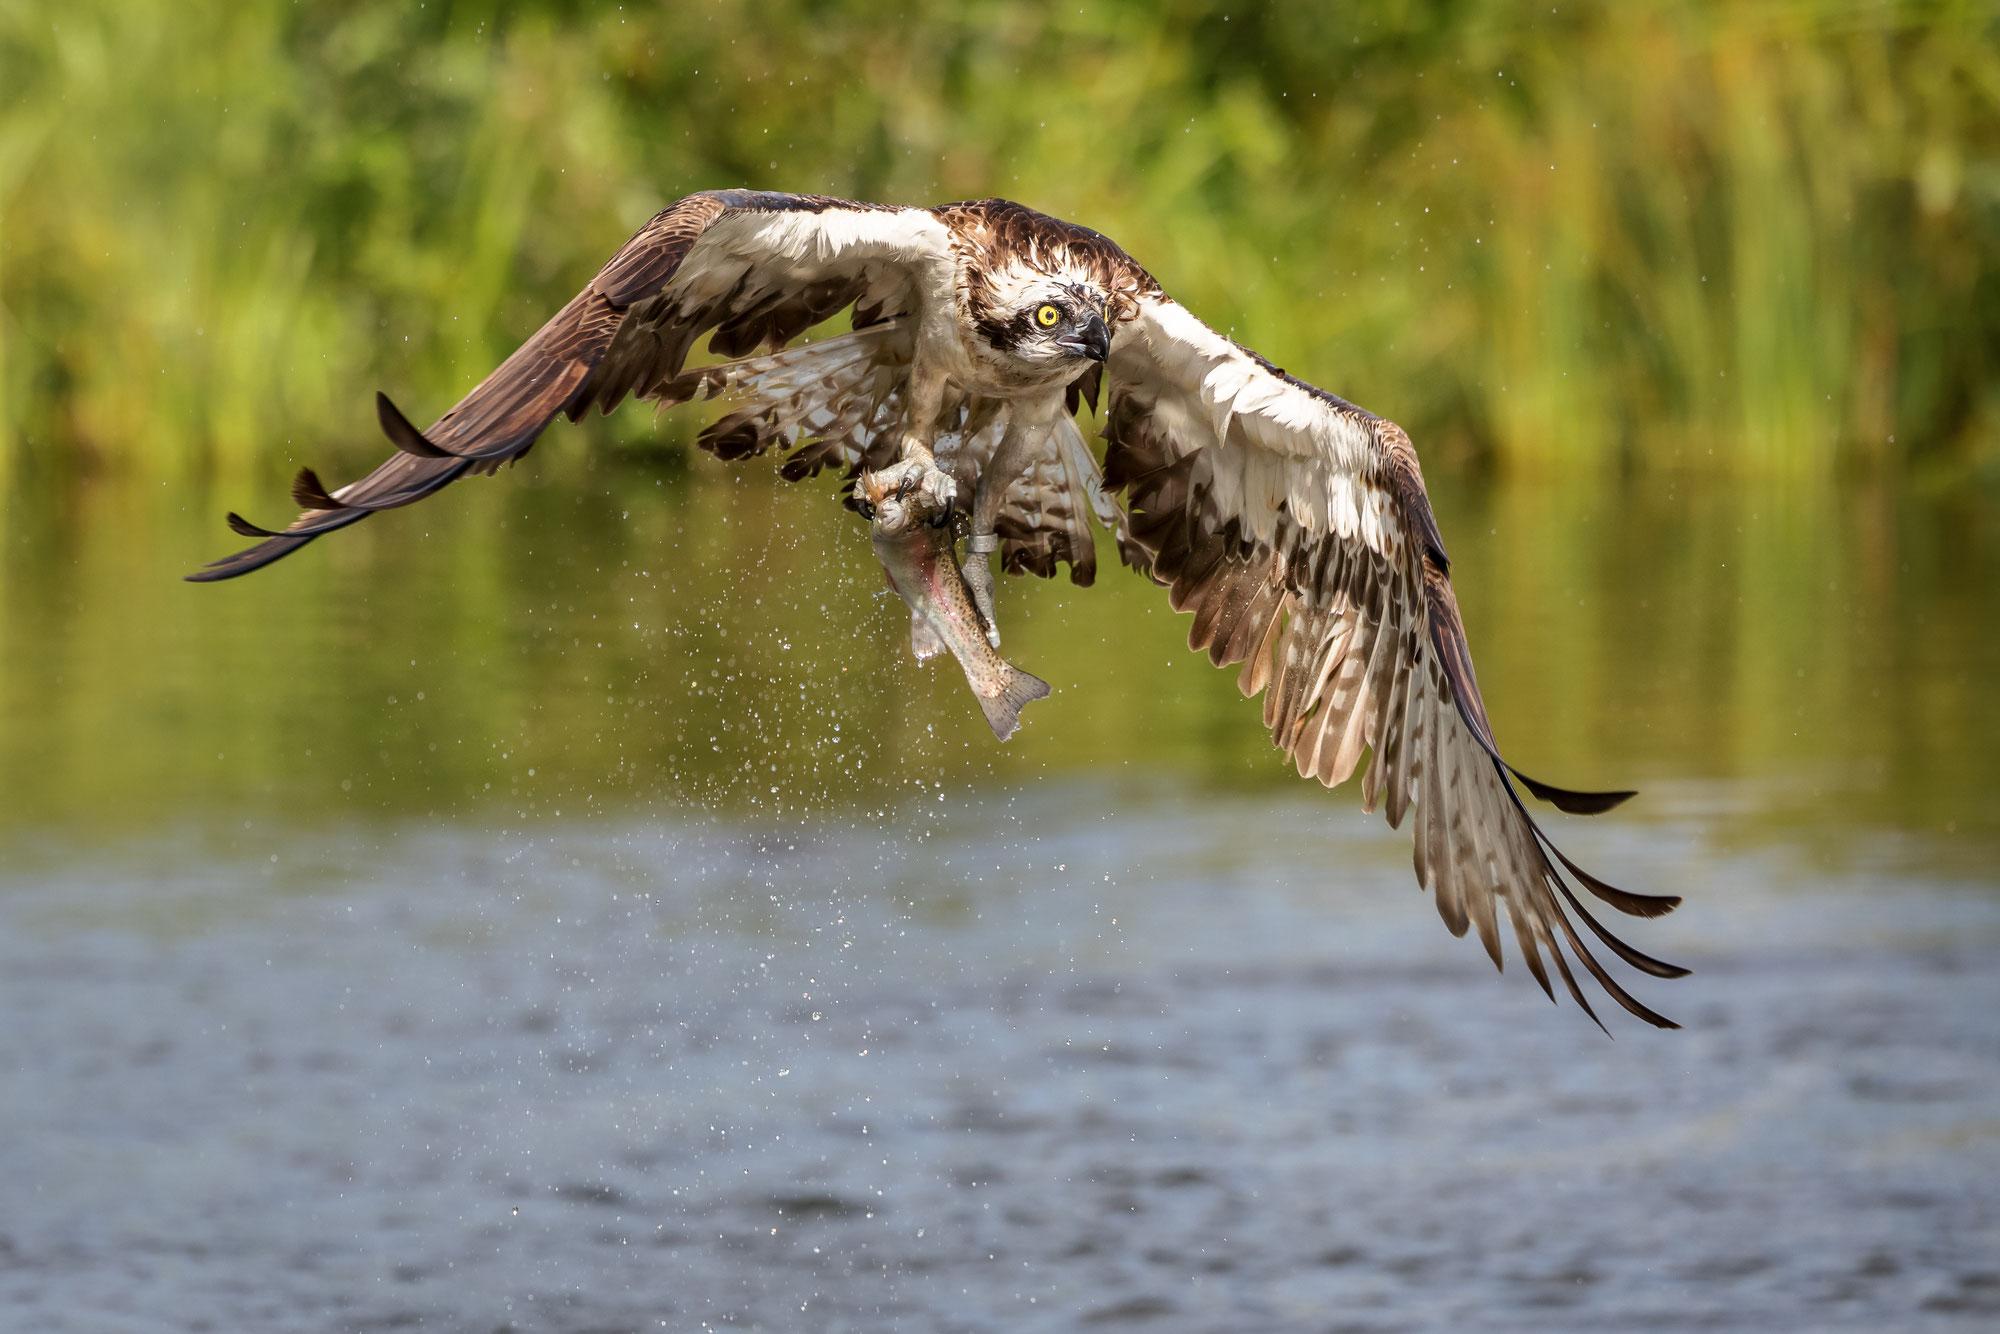 Fischadler in Finnland - Ospreys in Finland